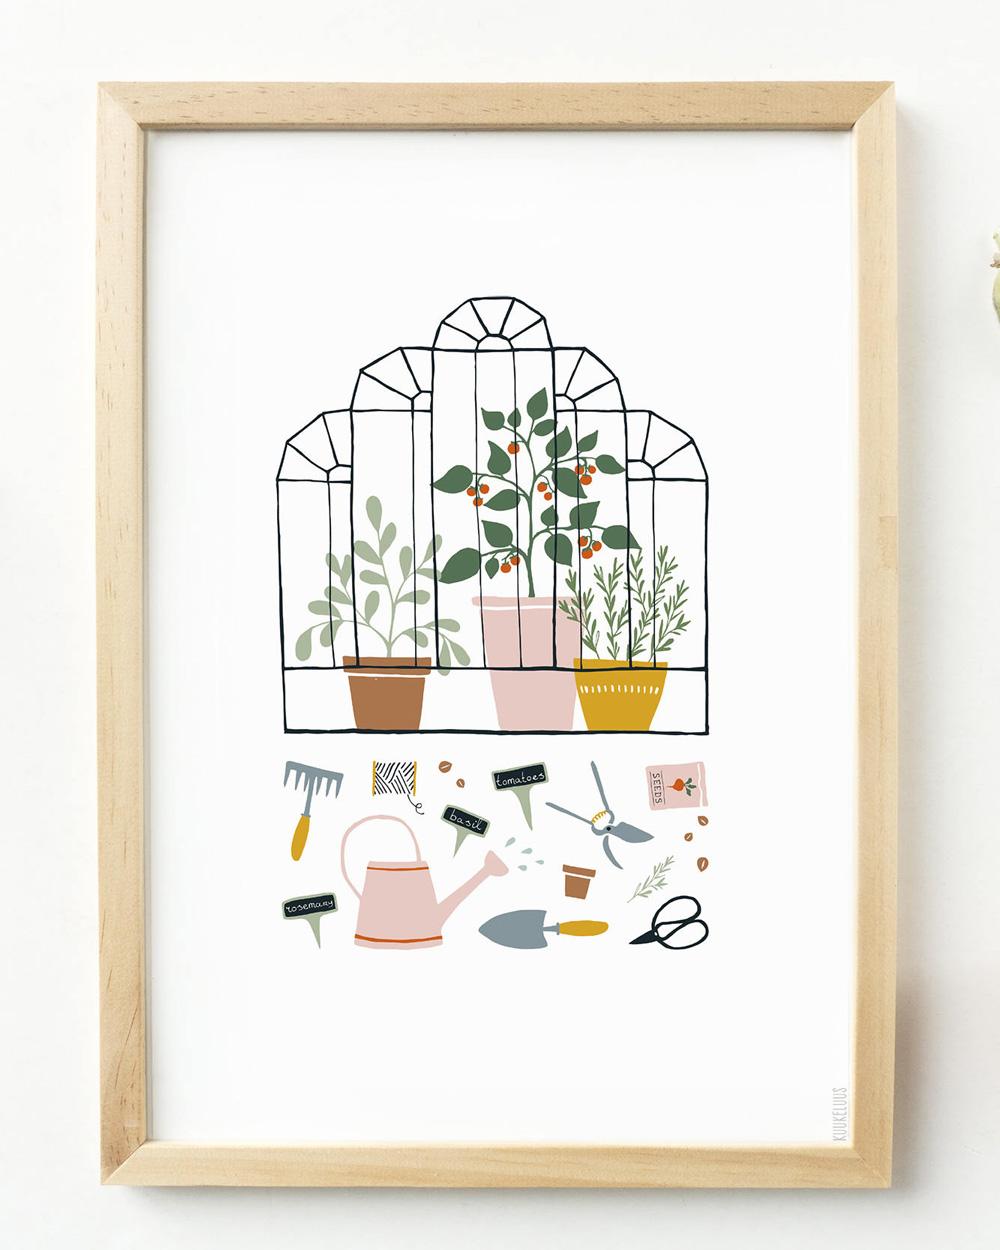 affiche illustrée serre végétale